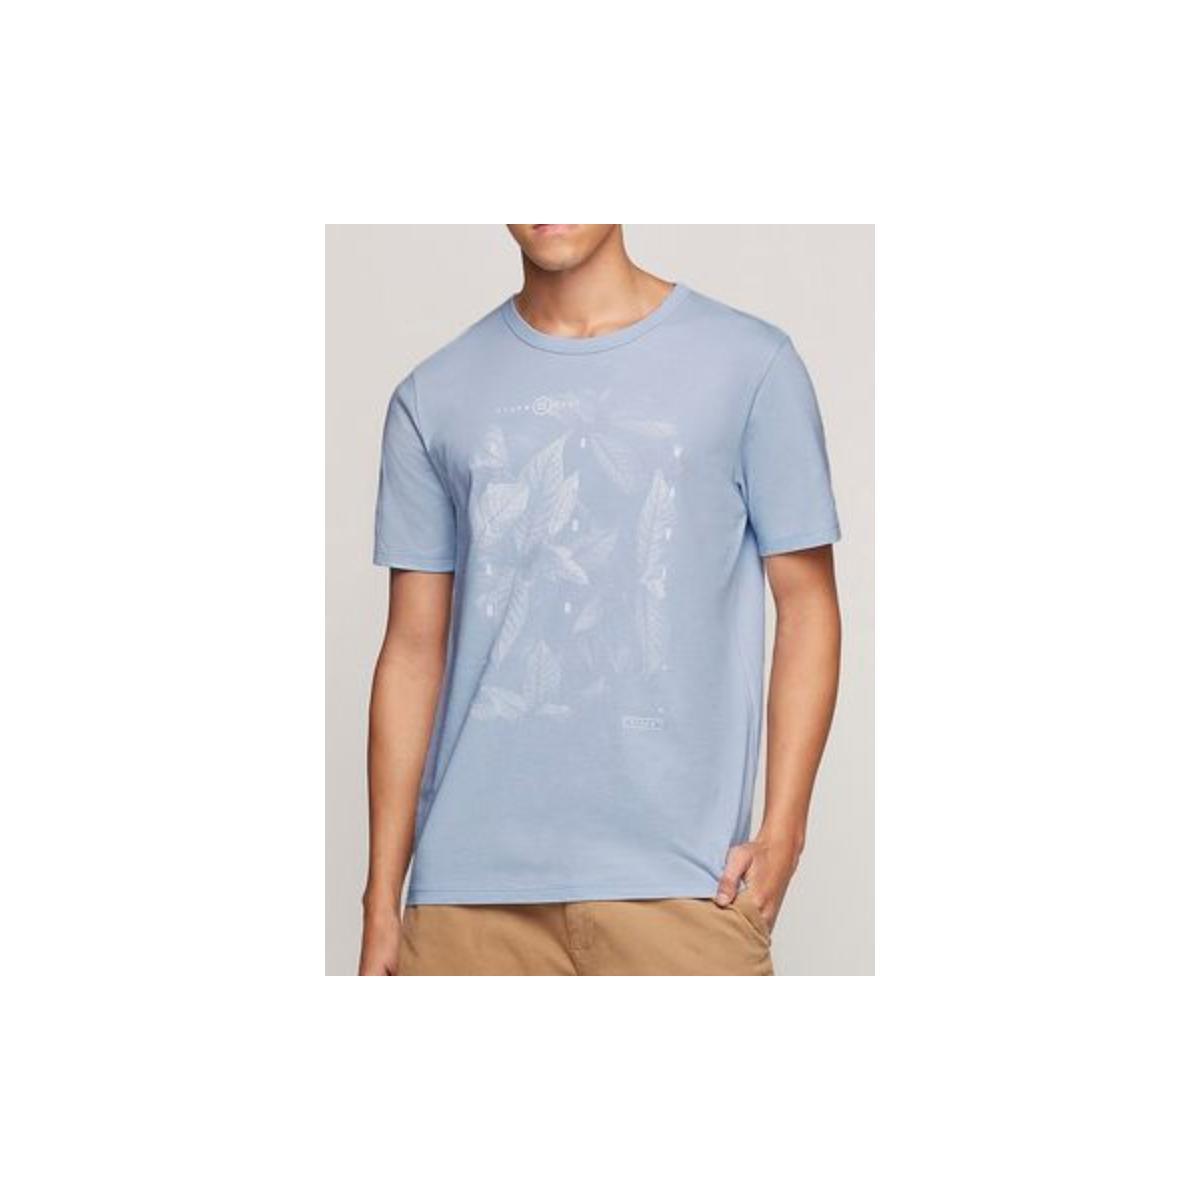 Camiseta Masculina Dzarm 6rlz Az5en  Azul